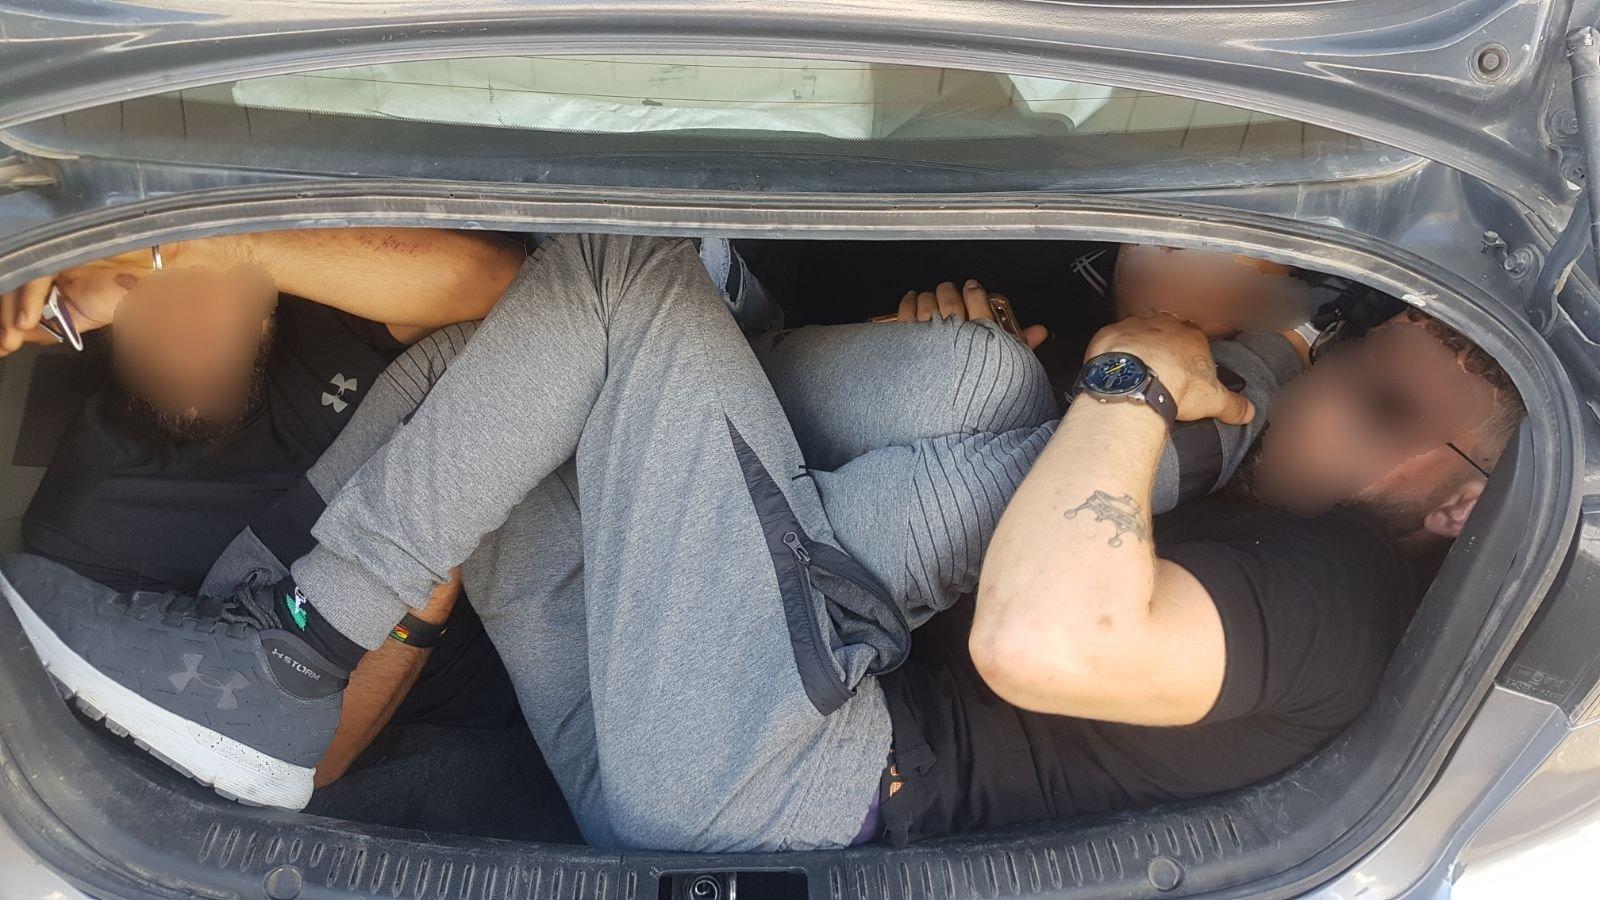 الشرطة تعتقل فلسطينيين بذريعة الدخول بصورة غير قانونية